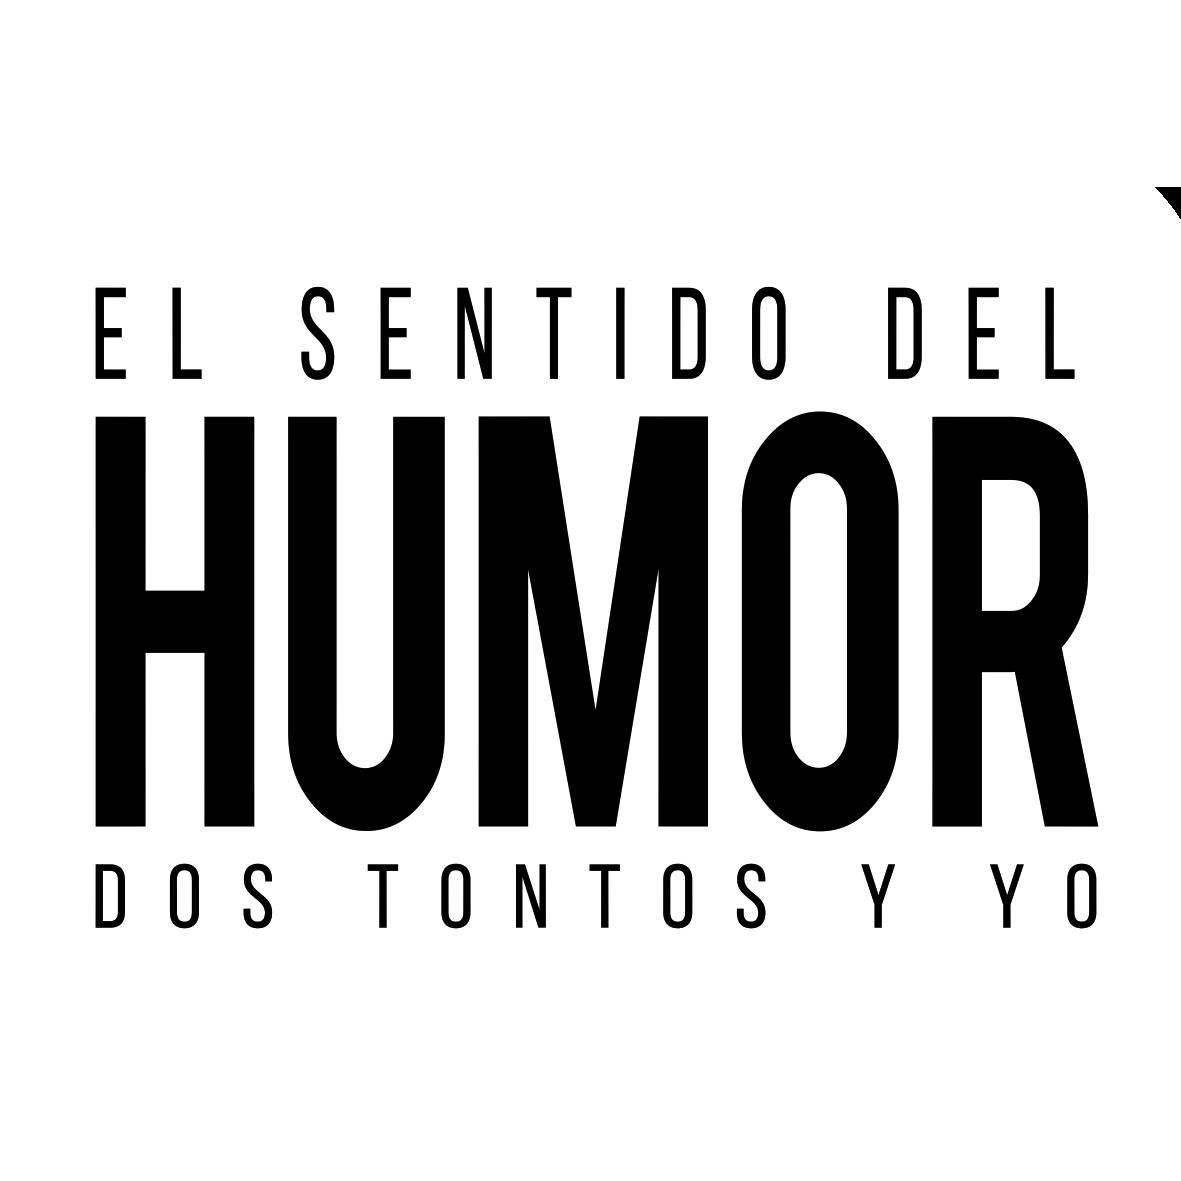 El sentido del humor dos tontos y yo